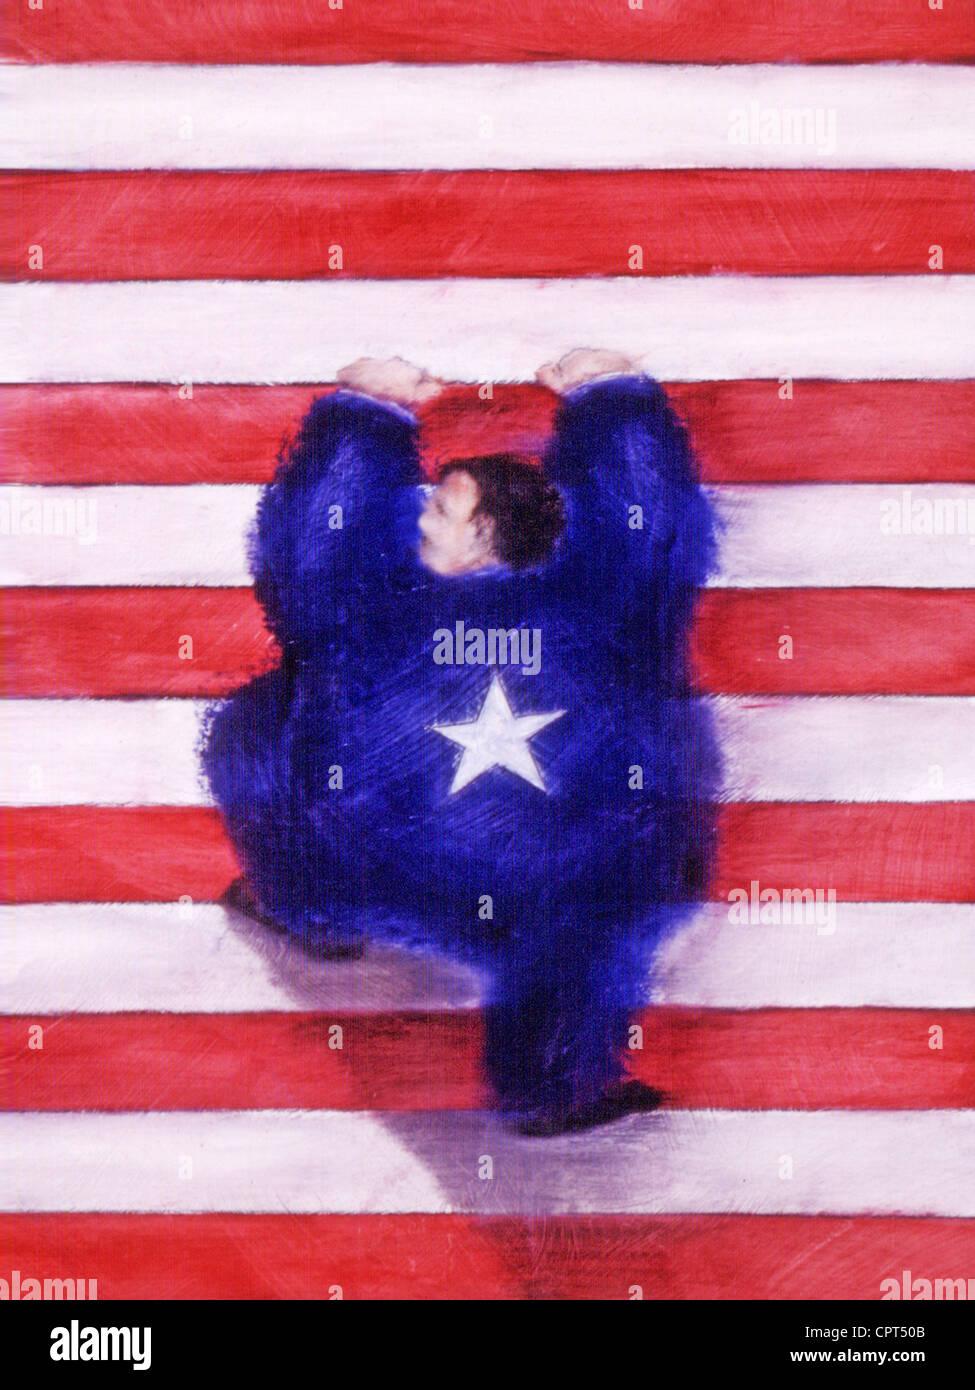 Un hombre vestido de azul con una estrella en la espalda, subiendo por franjas rojas y blancas Imagen De Stock